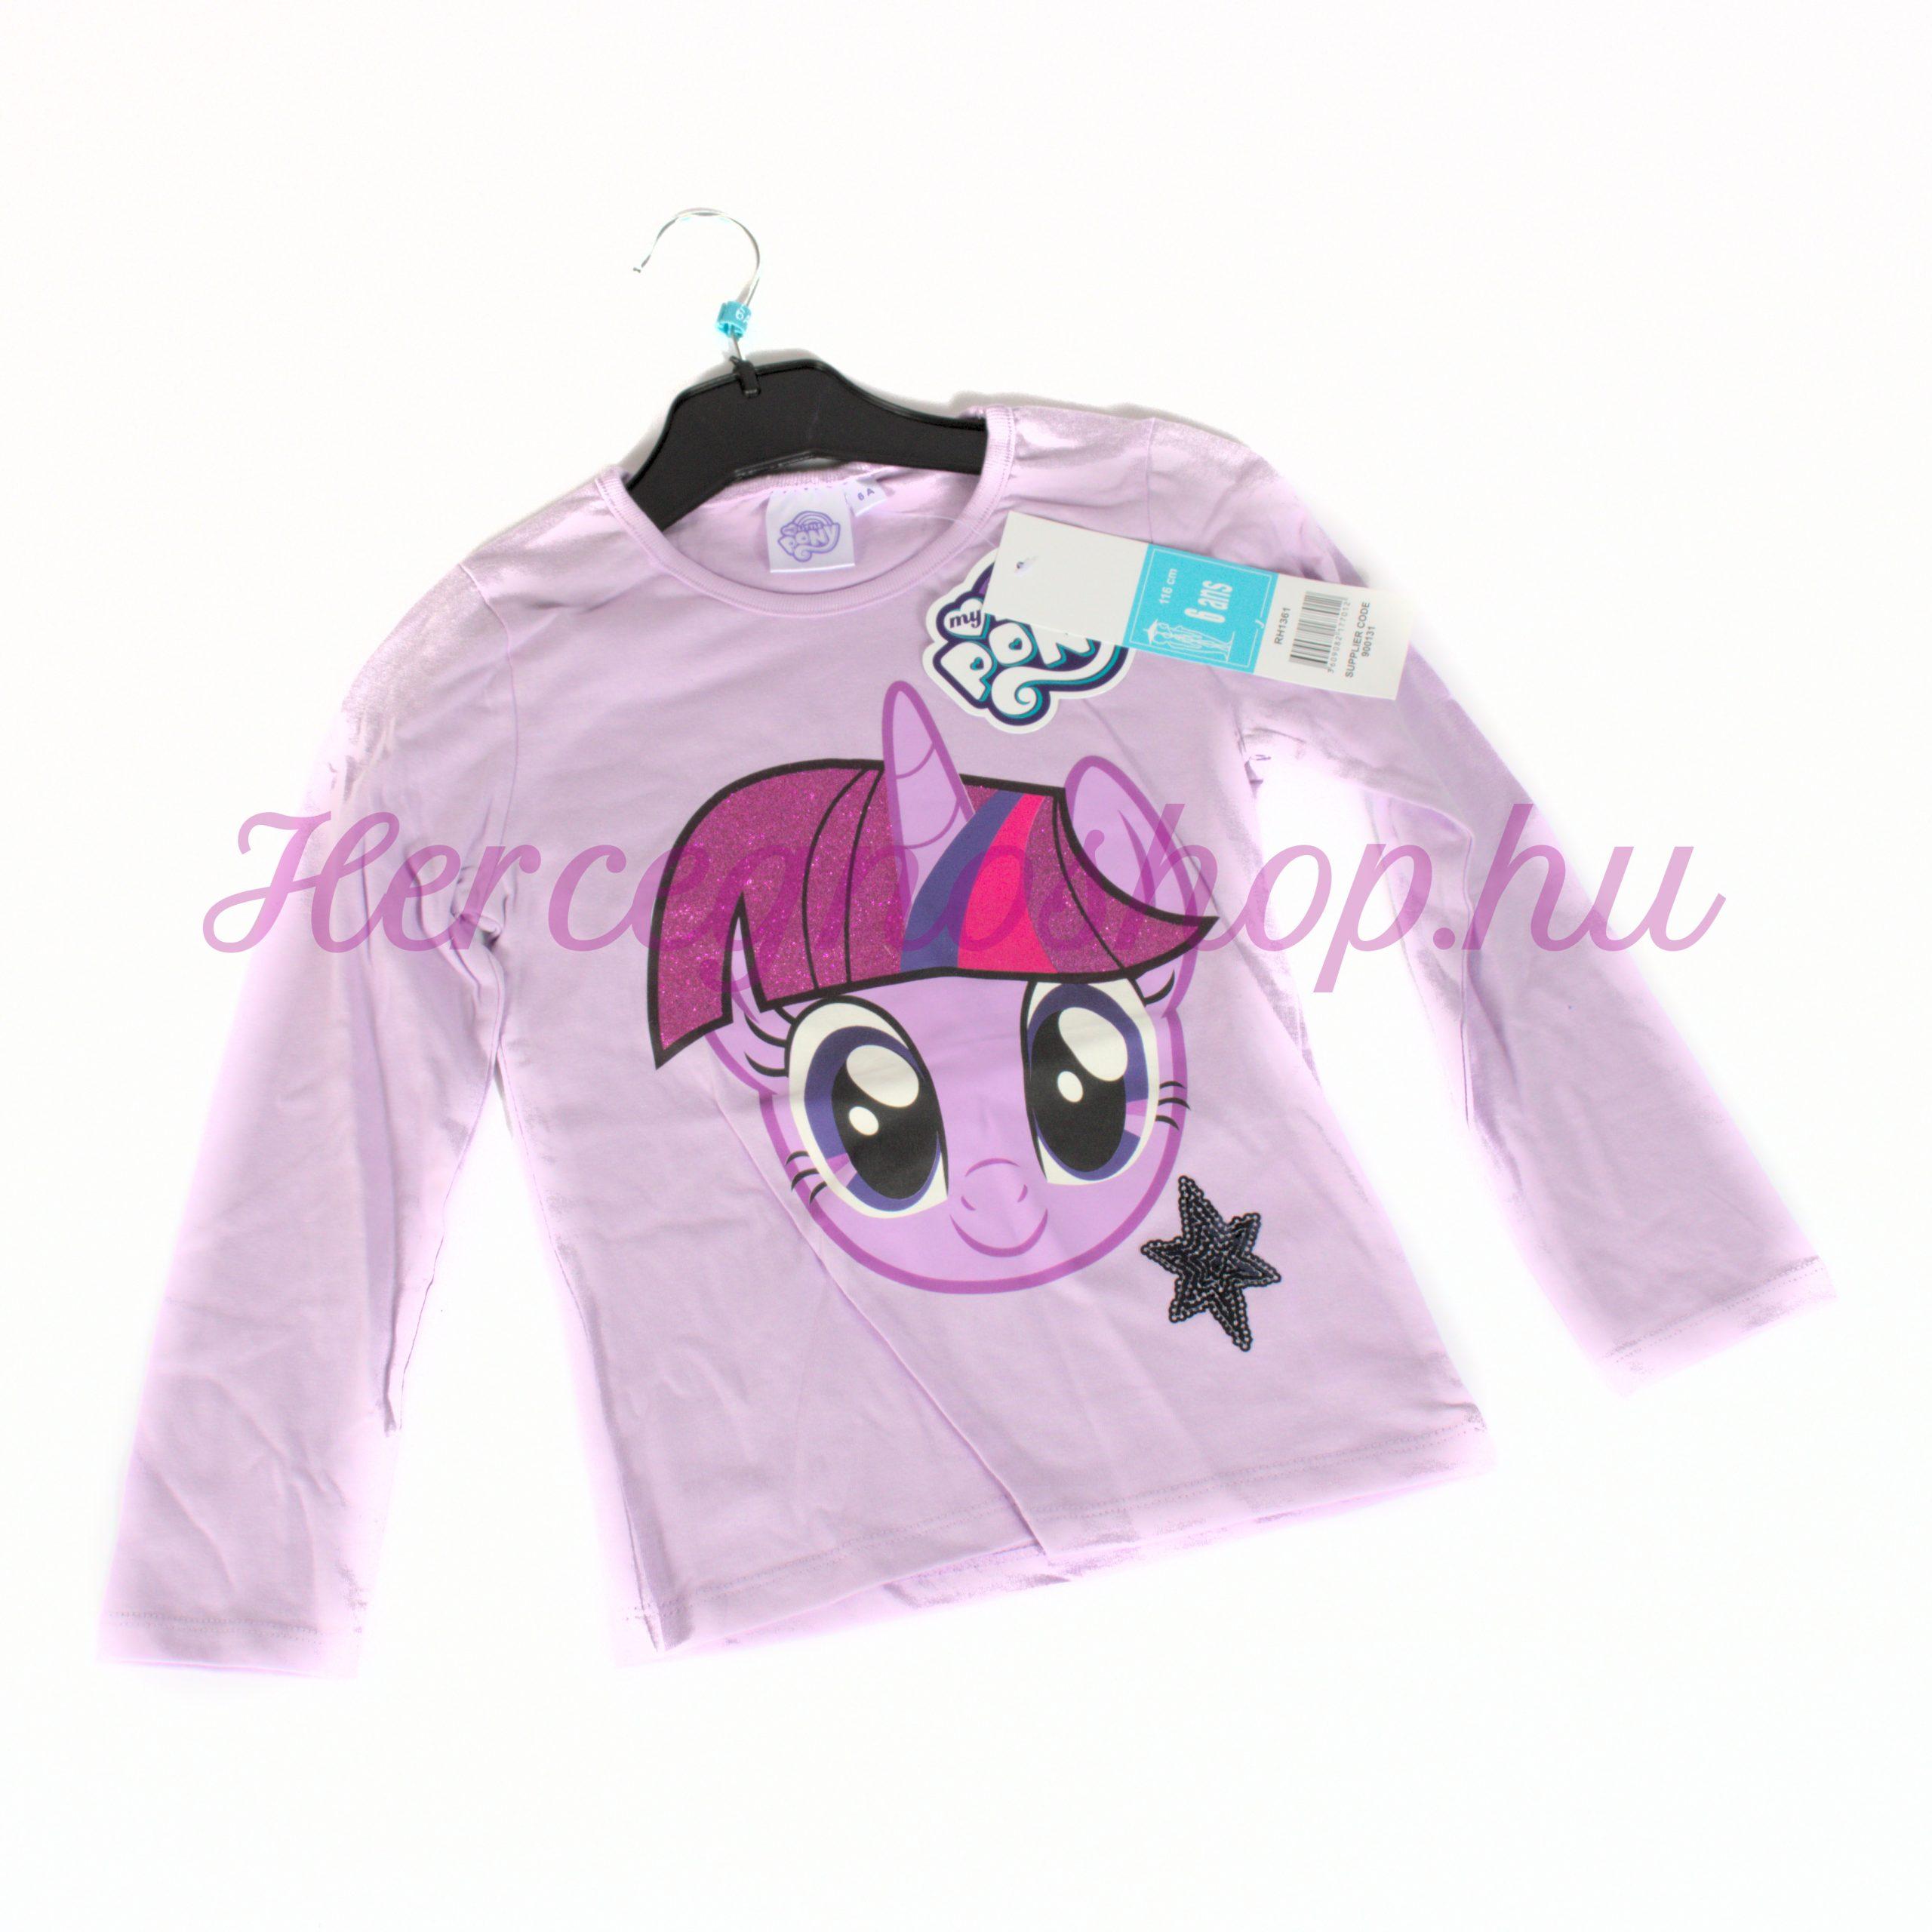 Én kicsi pónim hosszúujjú póló (My little pony)